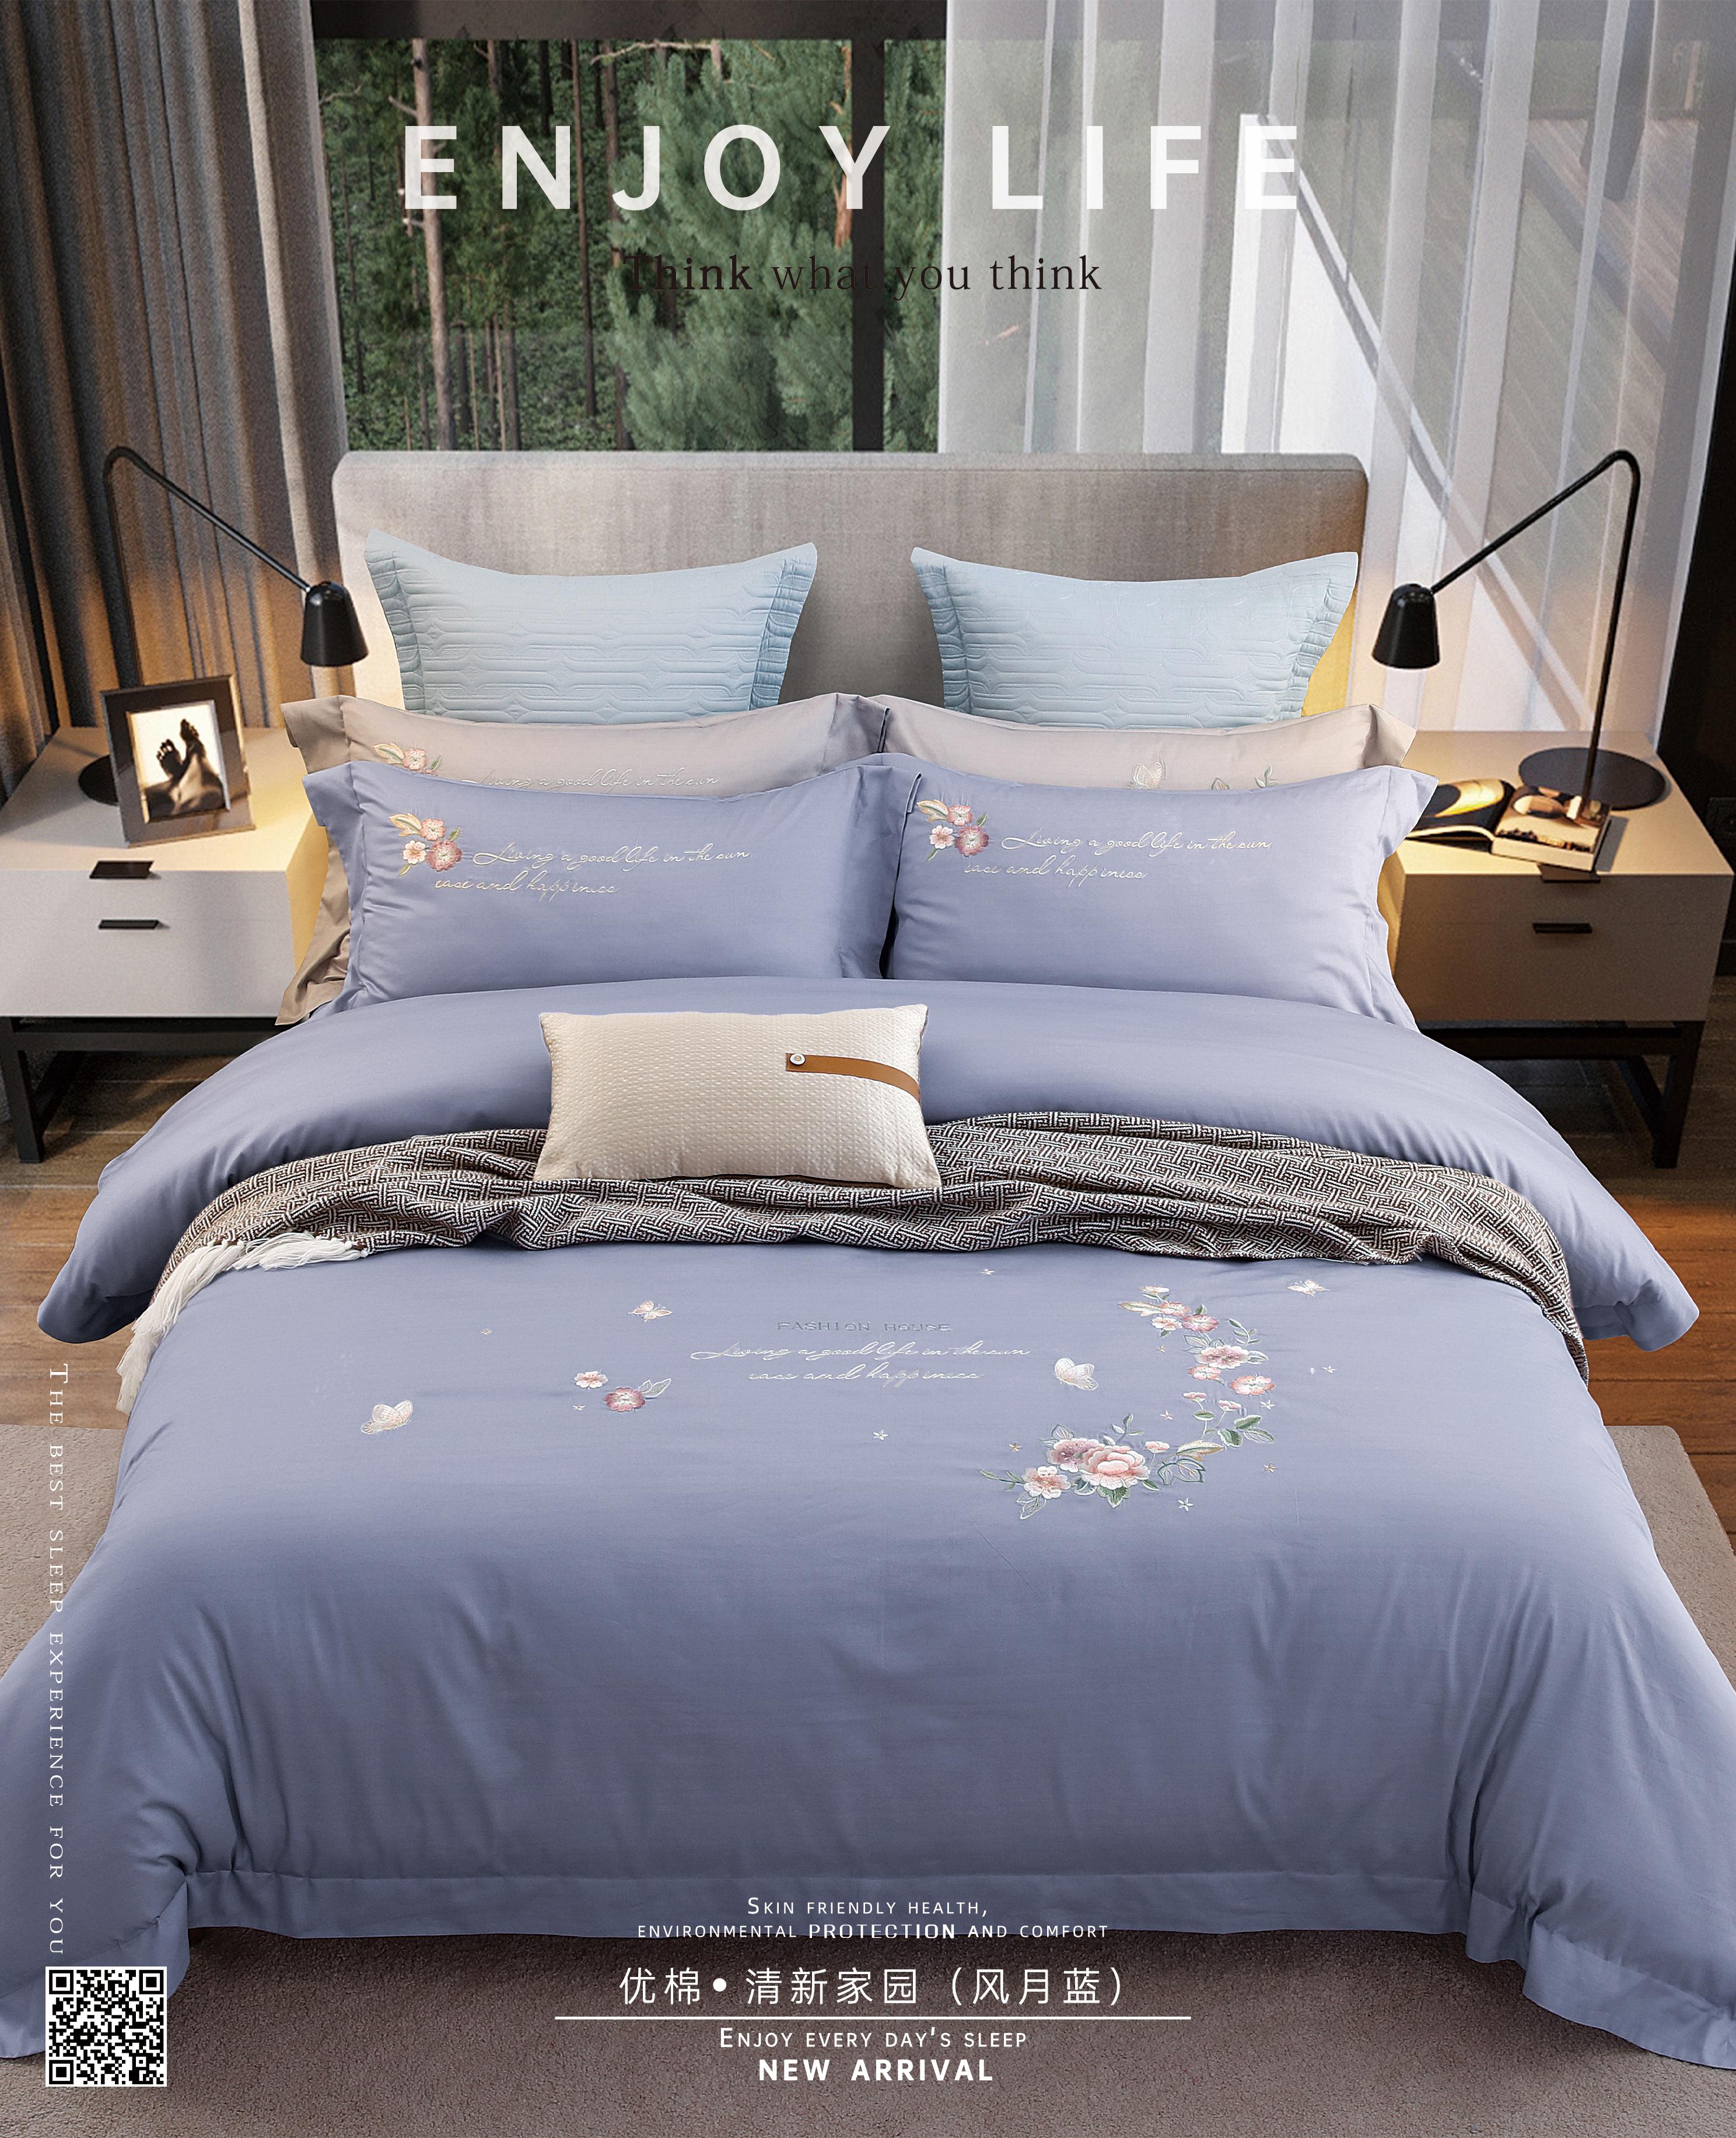 奧棉活性繡花床蓋四件套-嬌花縈繞/清新家園